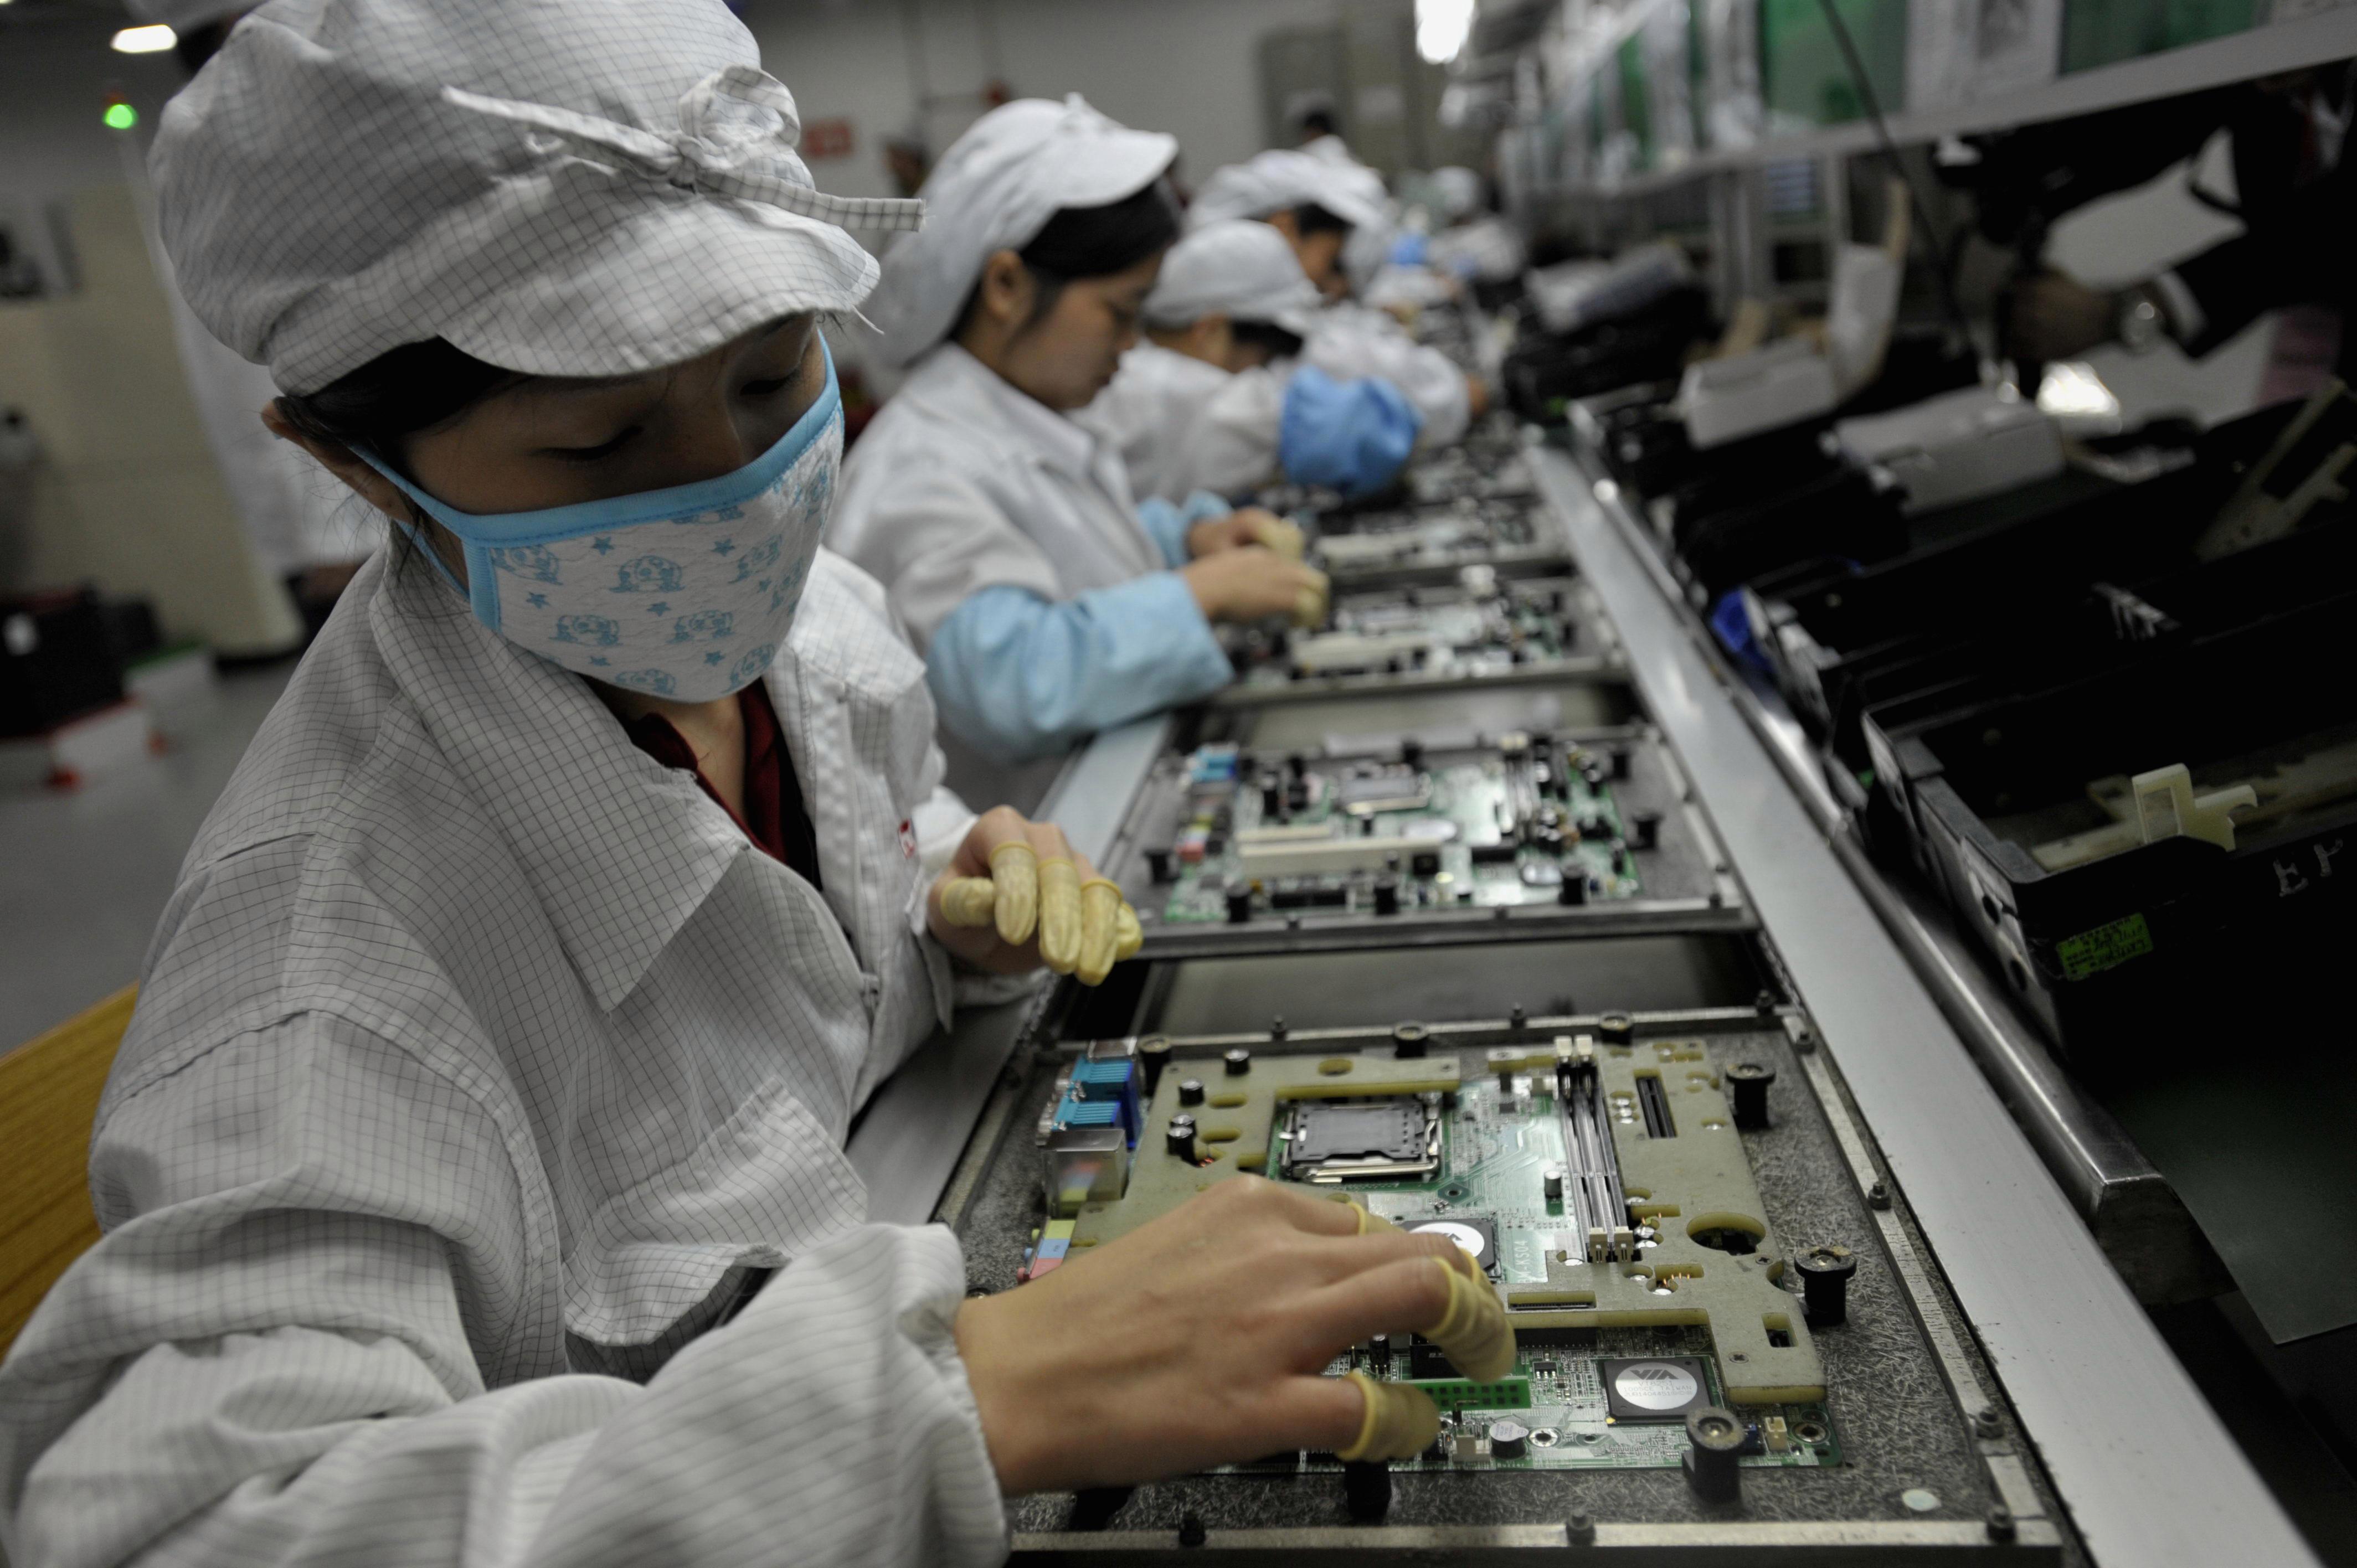 Công nhân tại nhà máy Foxconn ở Trung Quốc. Theo báo cáo, một tổ chức từ thiện đã thực hiện